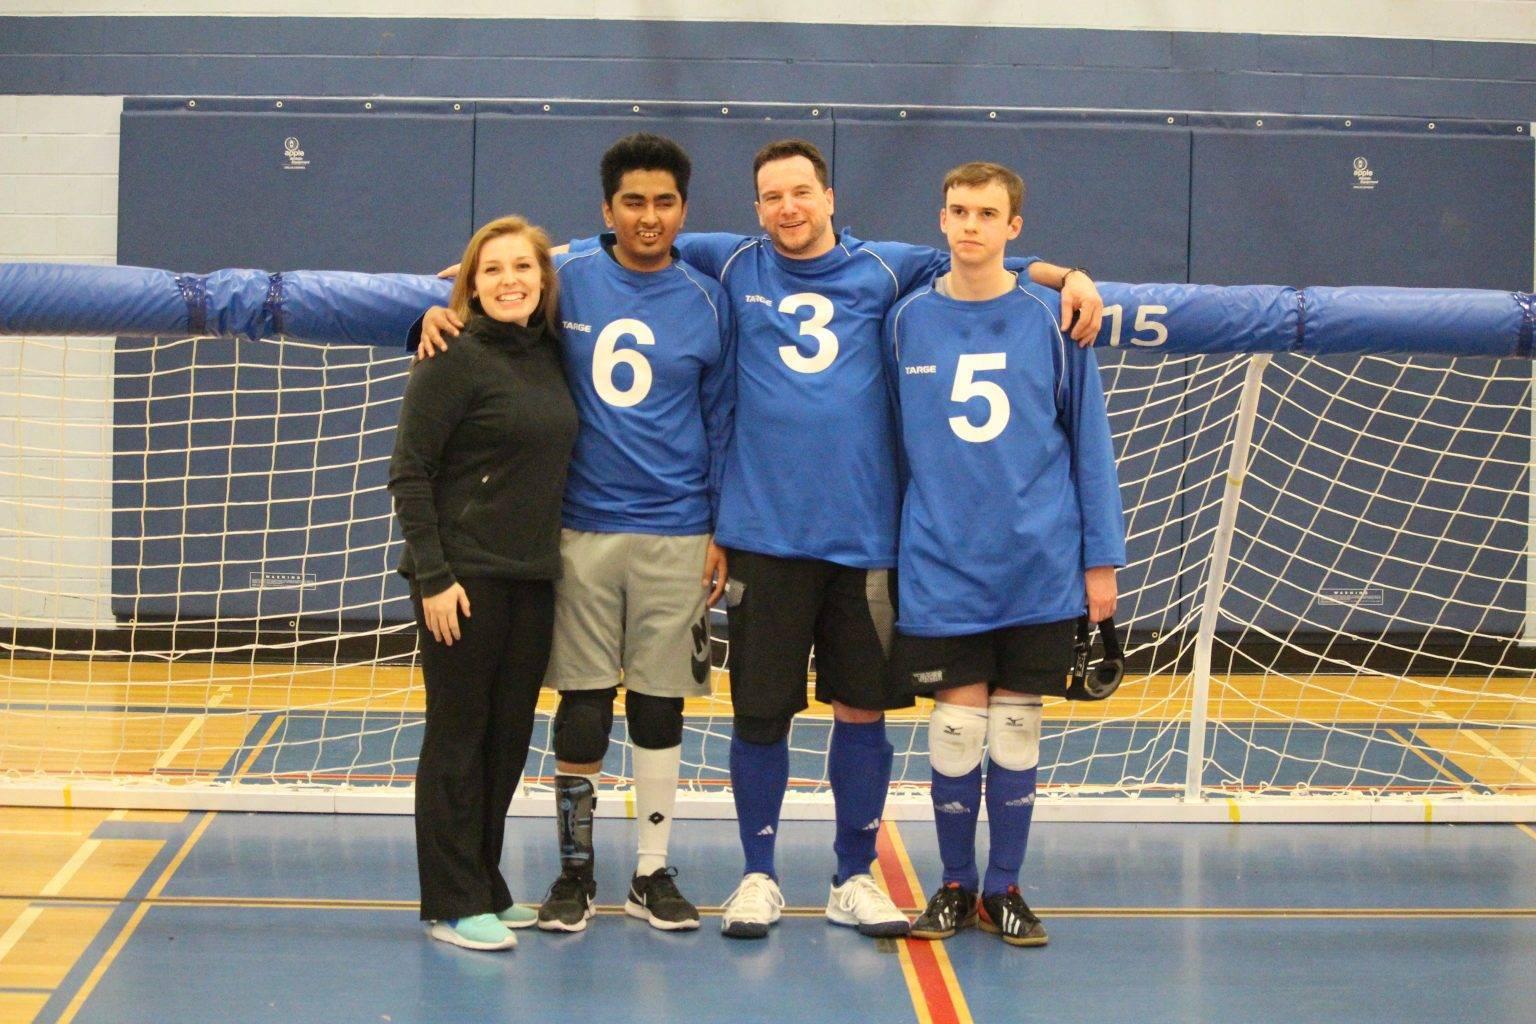 L'équipe masculine québécoise au championnat de l'est du Canada, catégorie élite. De gauche à droite: Lydia Beaulieu, assistante-entraîneure, Rakibul Karim, Bruno Haché et Tristan Lépine-Lacroix.